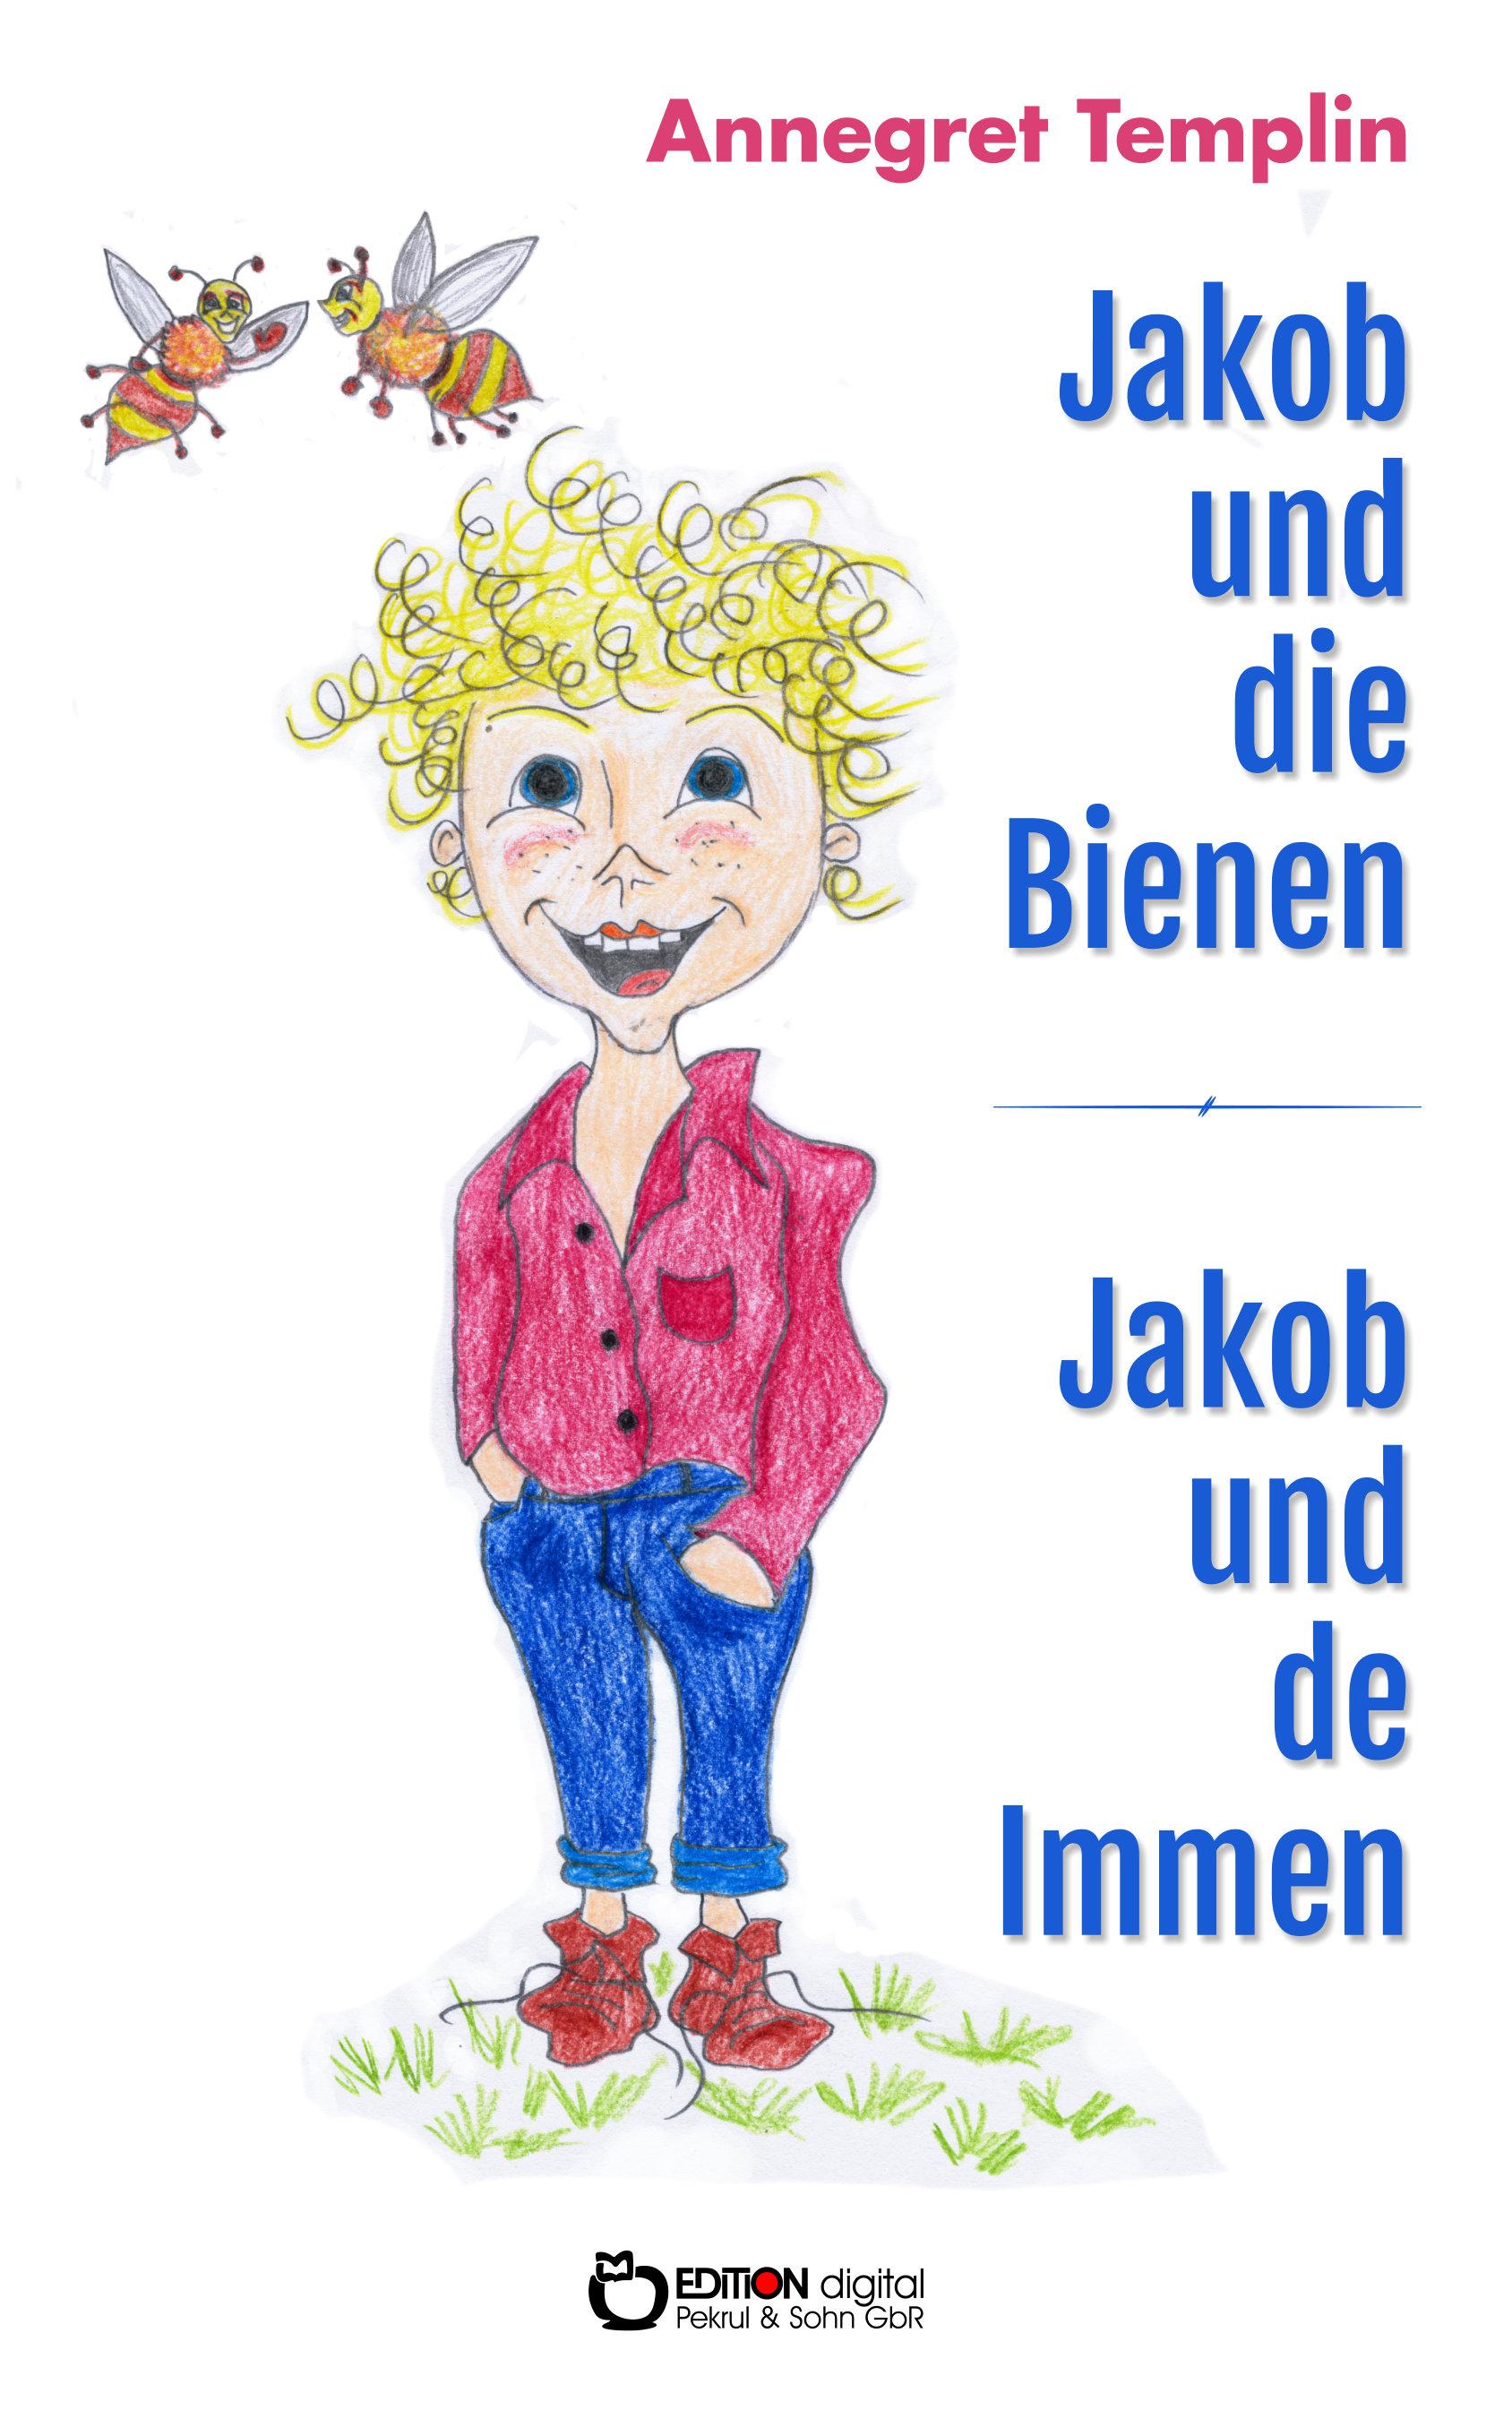 Jakob und die Bienen. Jakob und de Immen von Annegret Templin, Dominik Peters (Illustrator)